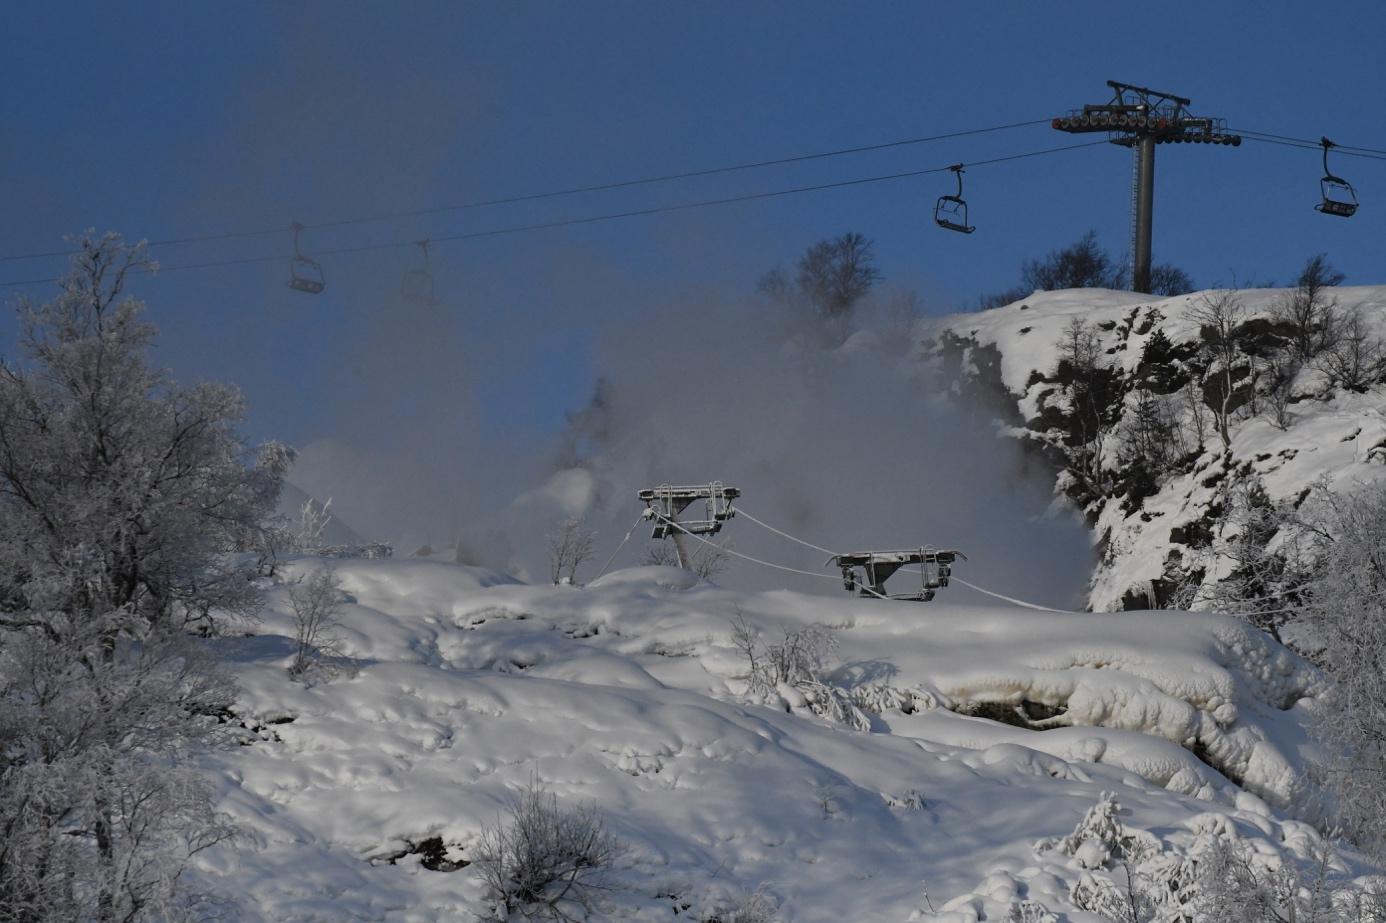 Et bilde som inneholder snø, utendørs, himmel, gå på ski  Automatisk generert beskrivelse